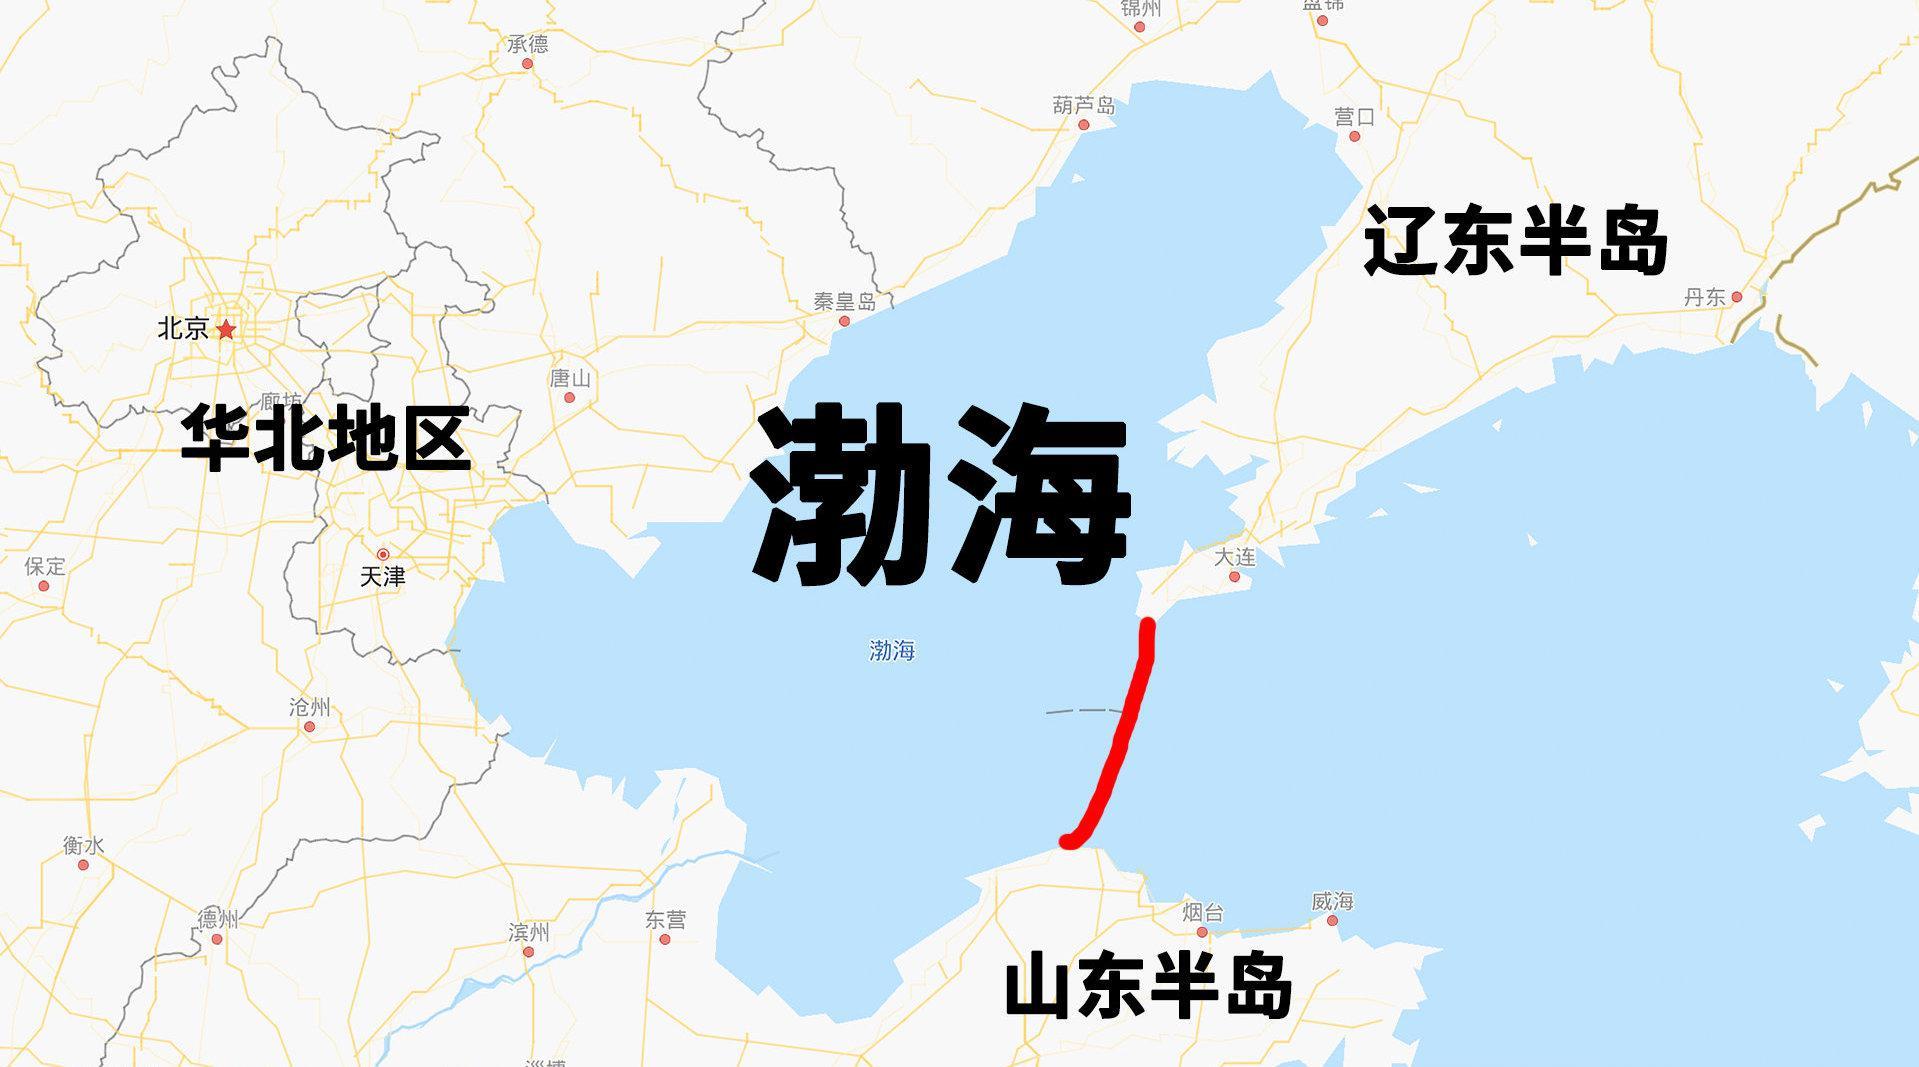 如果将渤海围变成淡水湖,能用来缓解华北干旱?